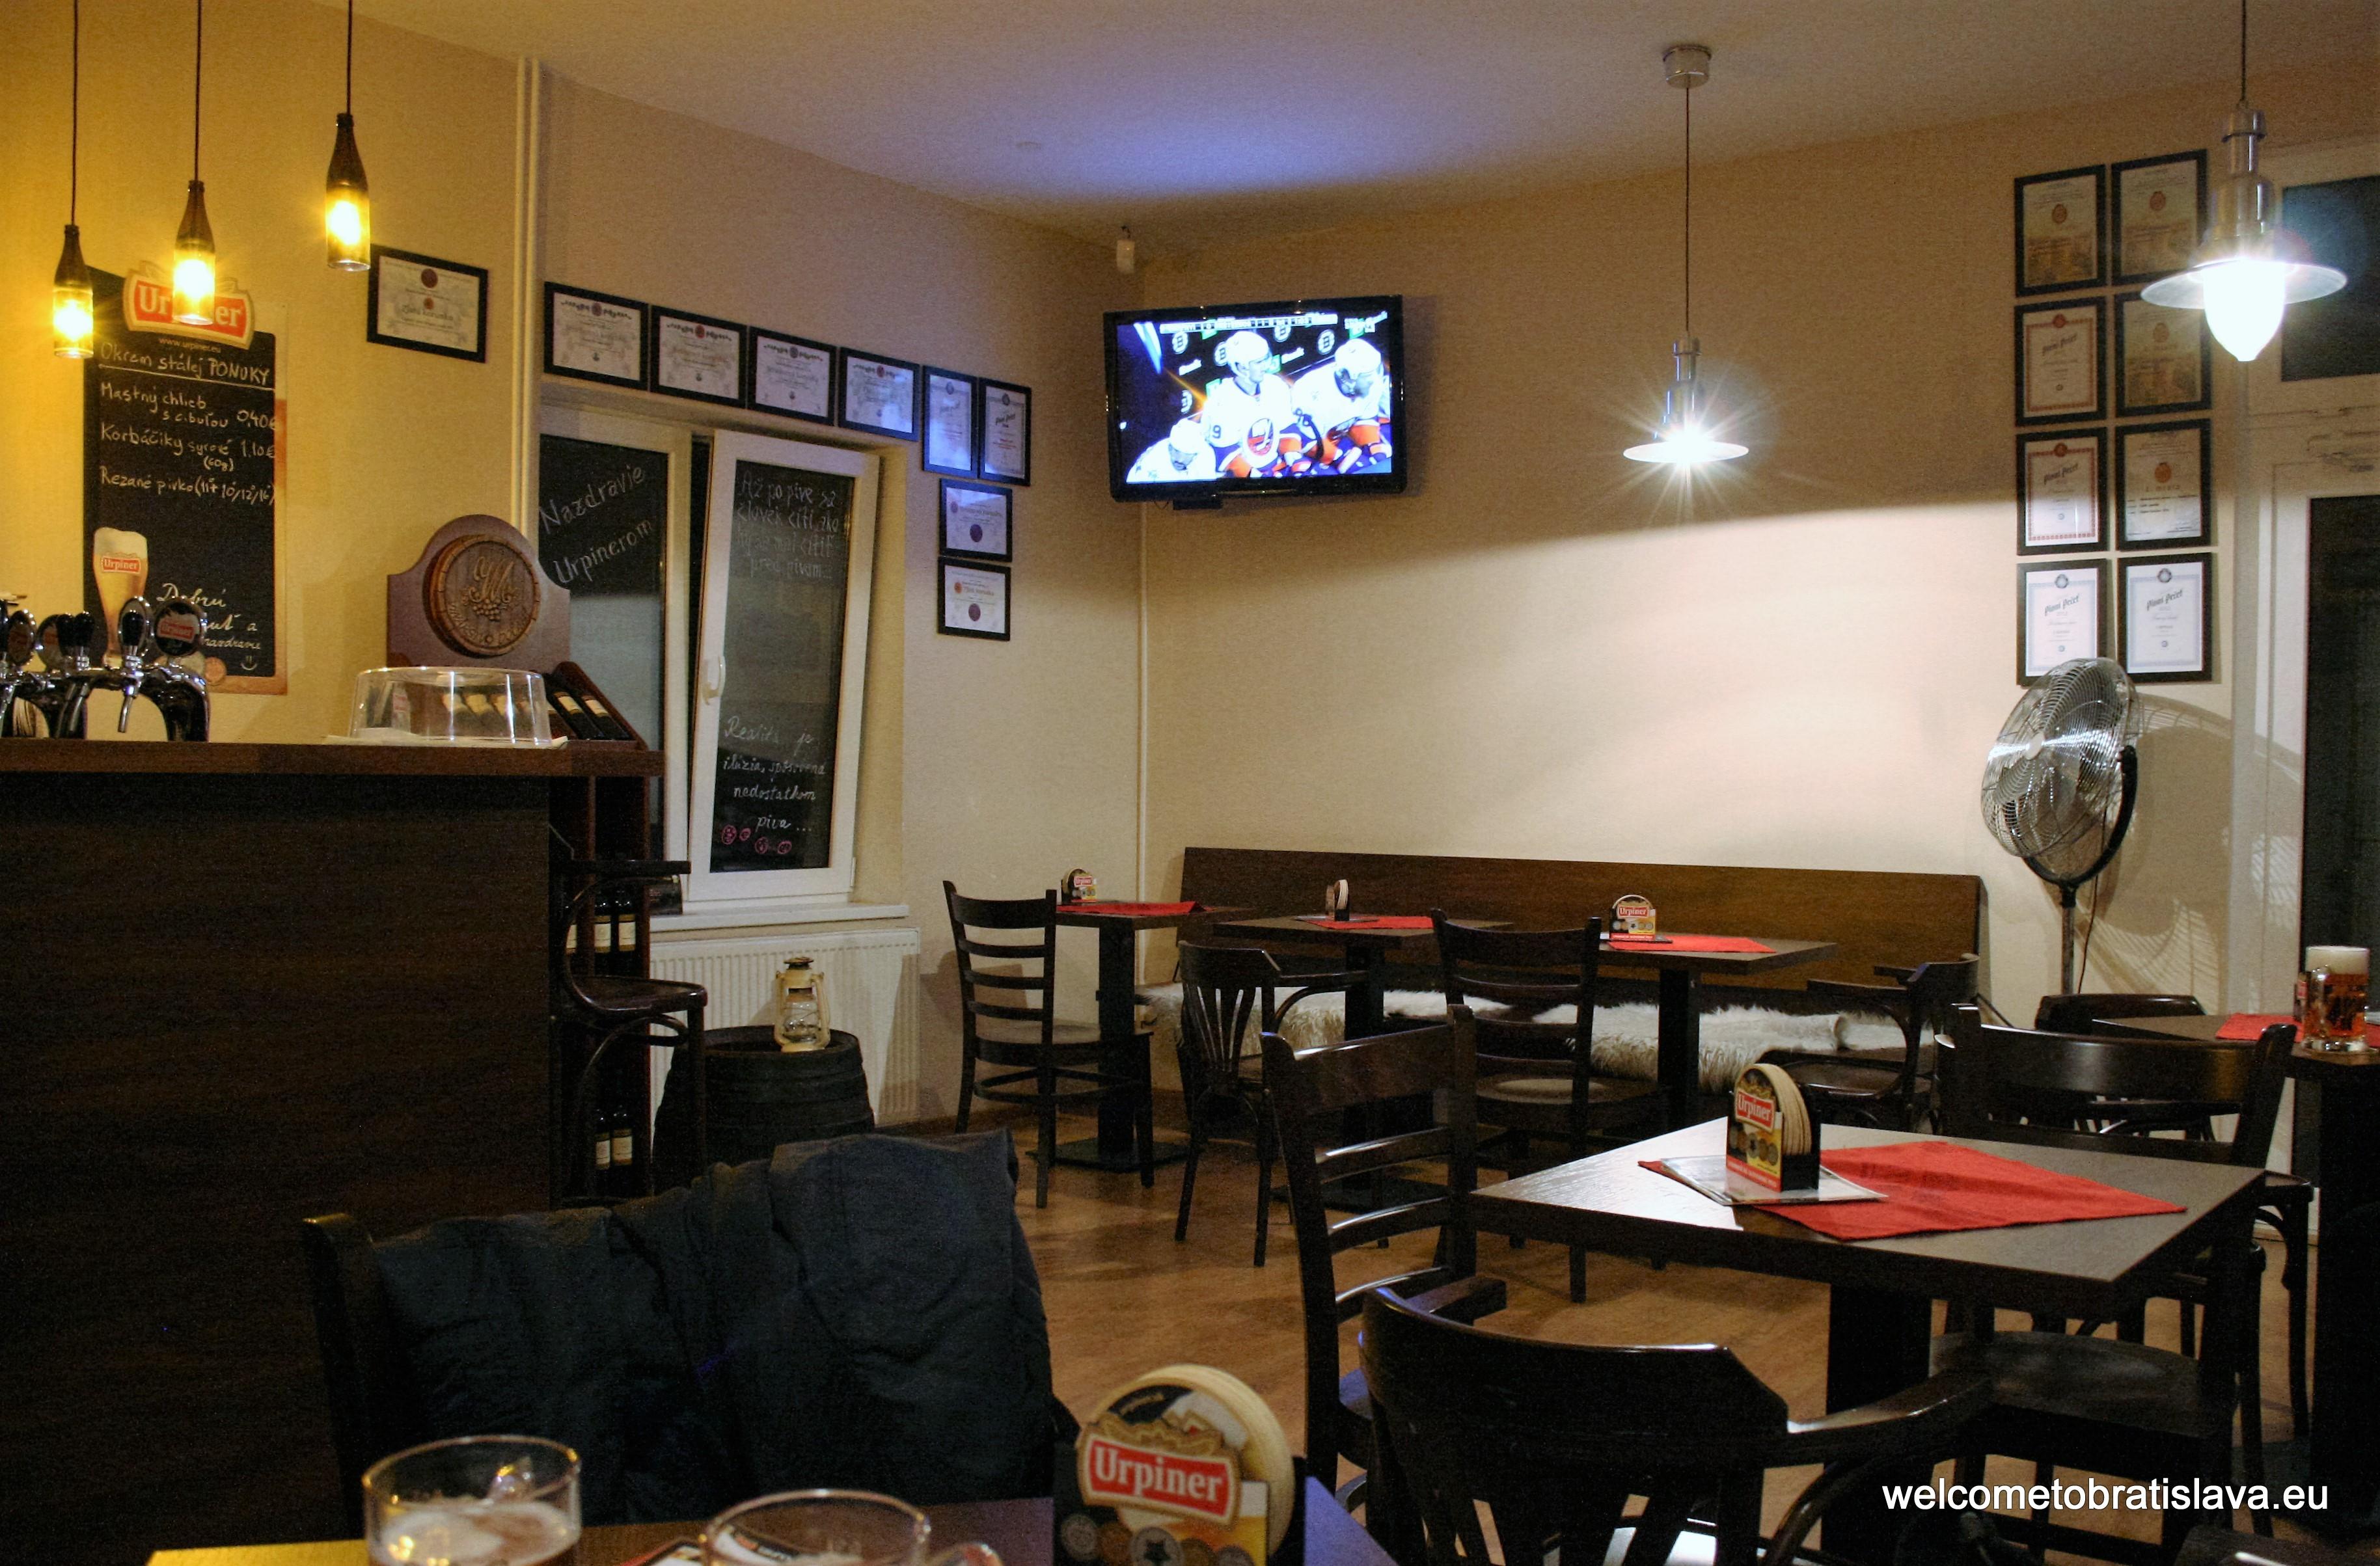 Best beer places in Bratislava - Urpiner